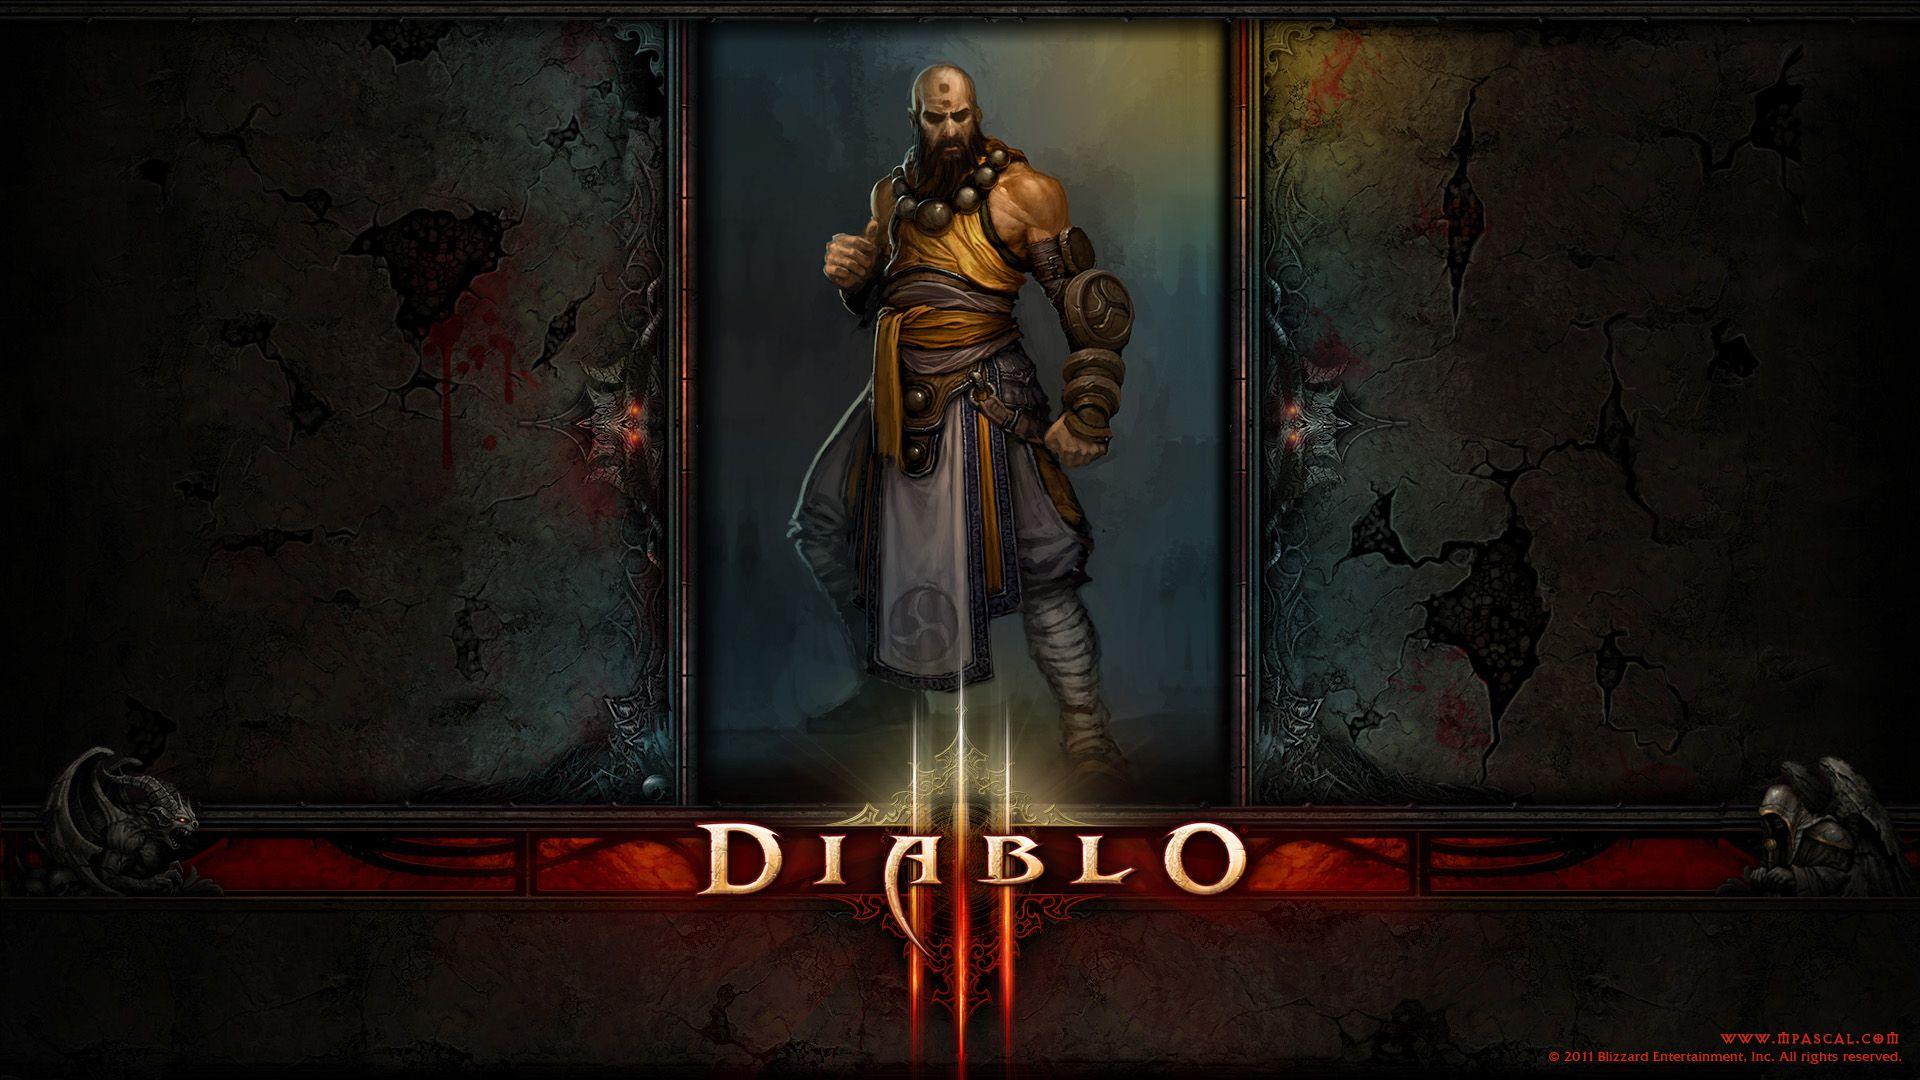 Diablo 3 Monk Wallpaper By Panperkin On Deviantart Diablo 3 Wallpaper Diablo Characters